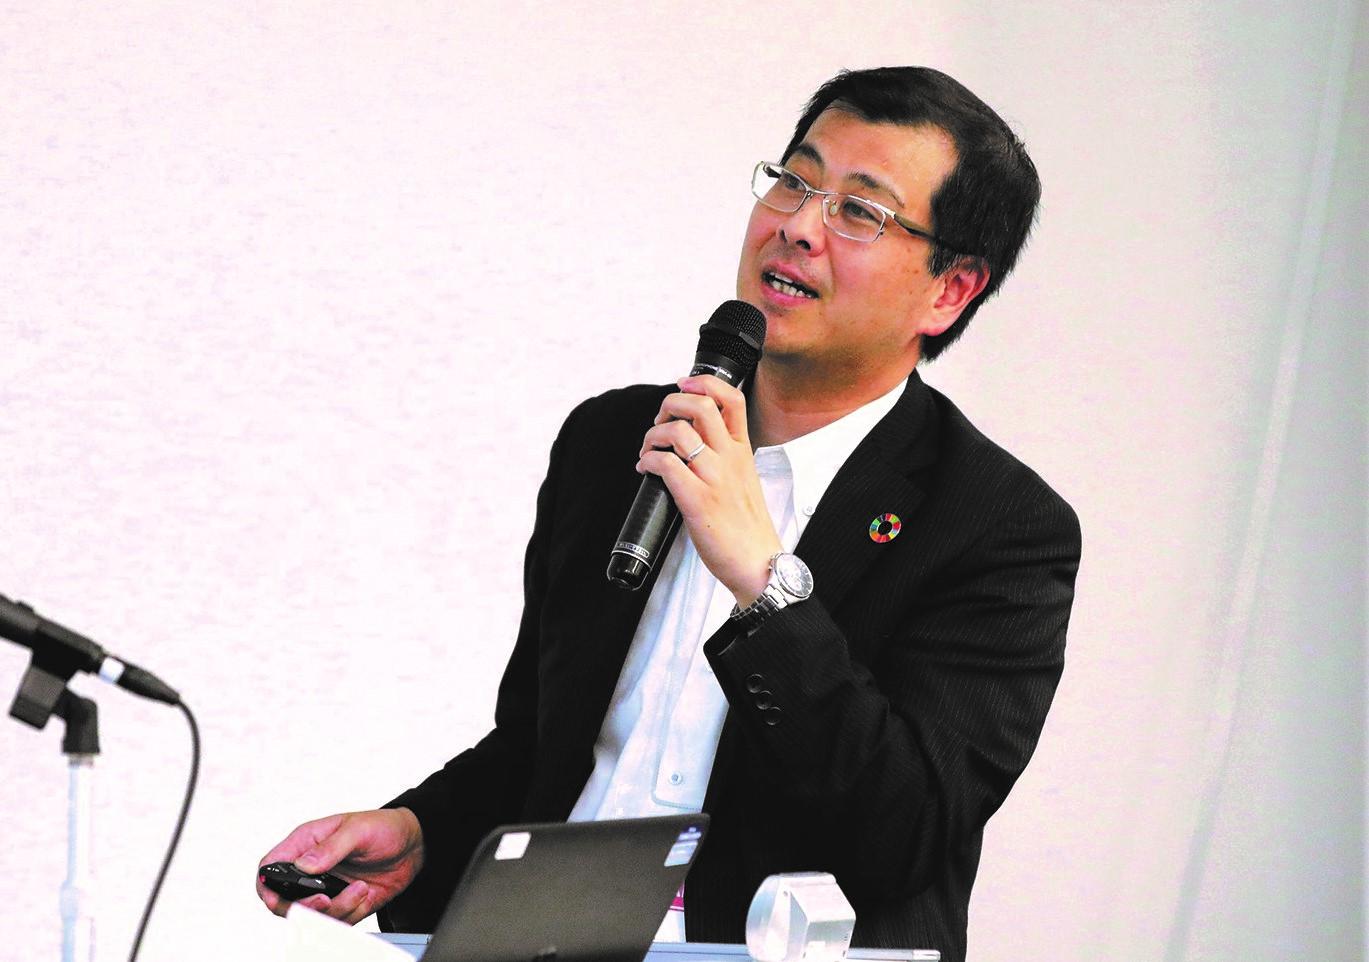 中落寛人 Hirohito Nakaochi SMFLみらい パートナーズ株式会社 環境エネルギー本部 エネルギーサービス部 部長補佐